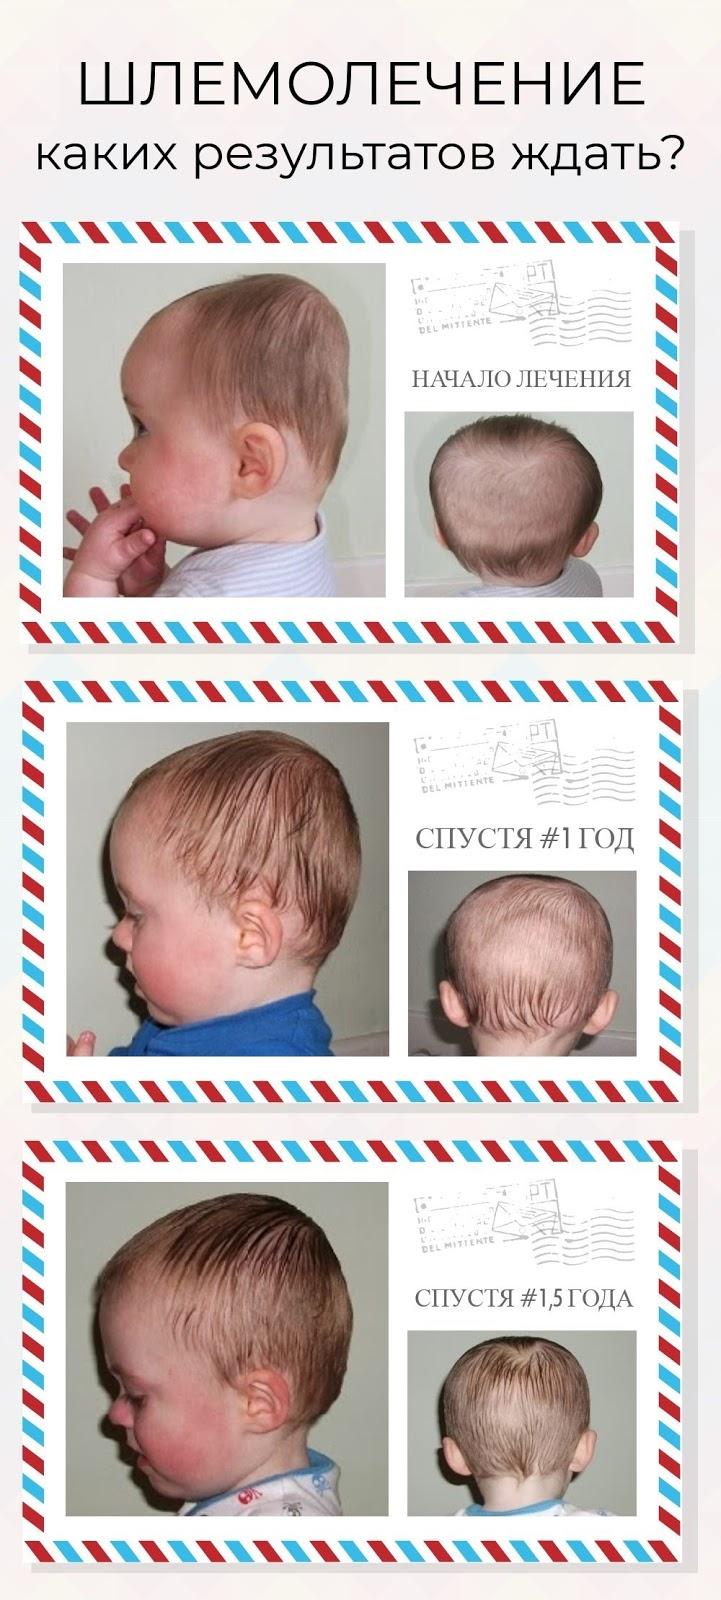 результаты лечения брахицефалии у новорожденных фото